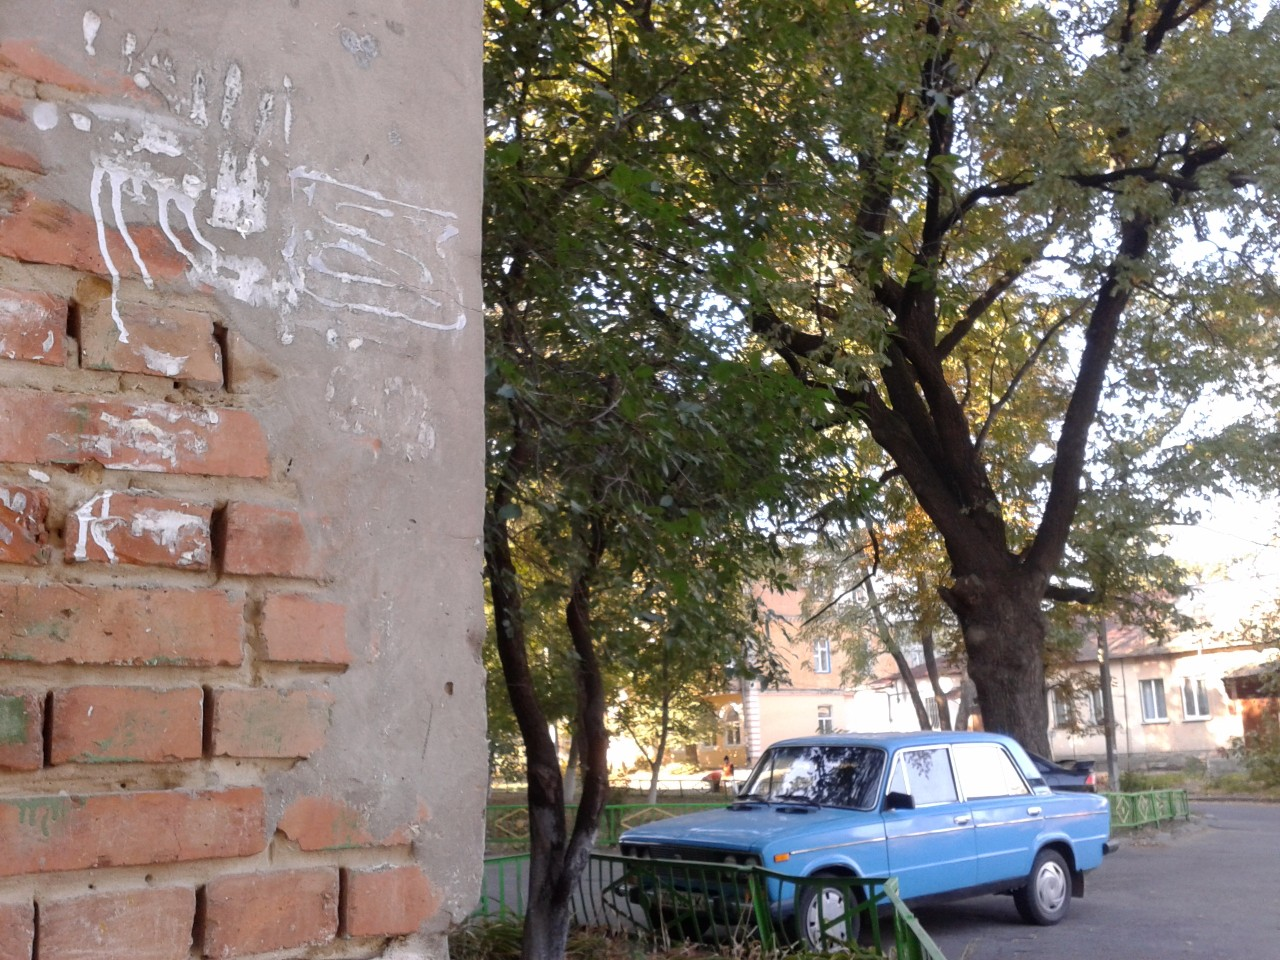 Фото зроблено 16 жовтня 2015 року на стіні житлового будинку по вул. Комсомольській, 5.